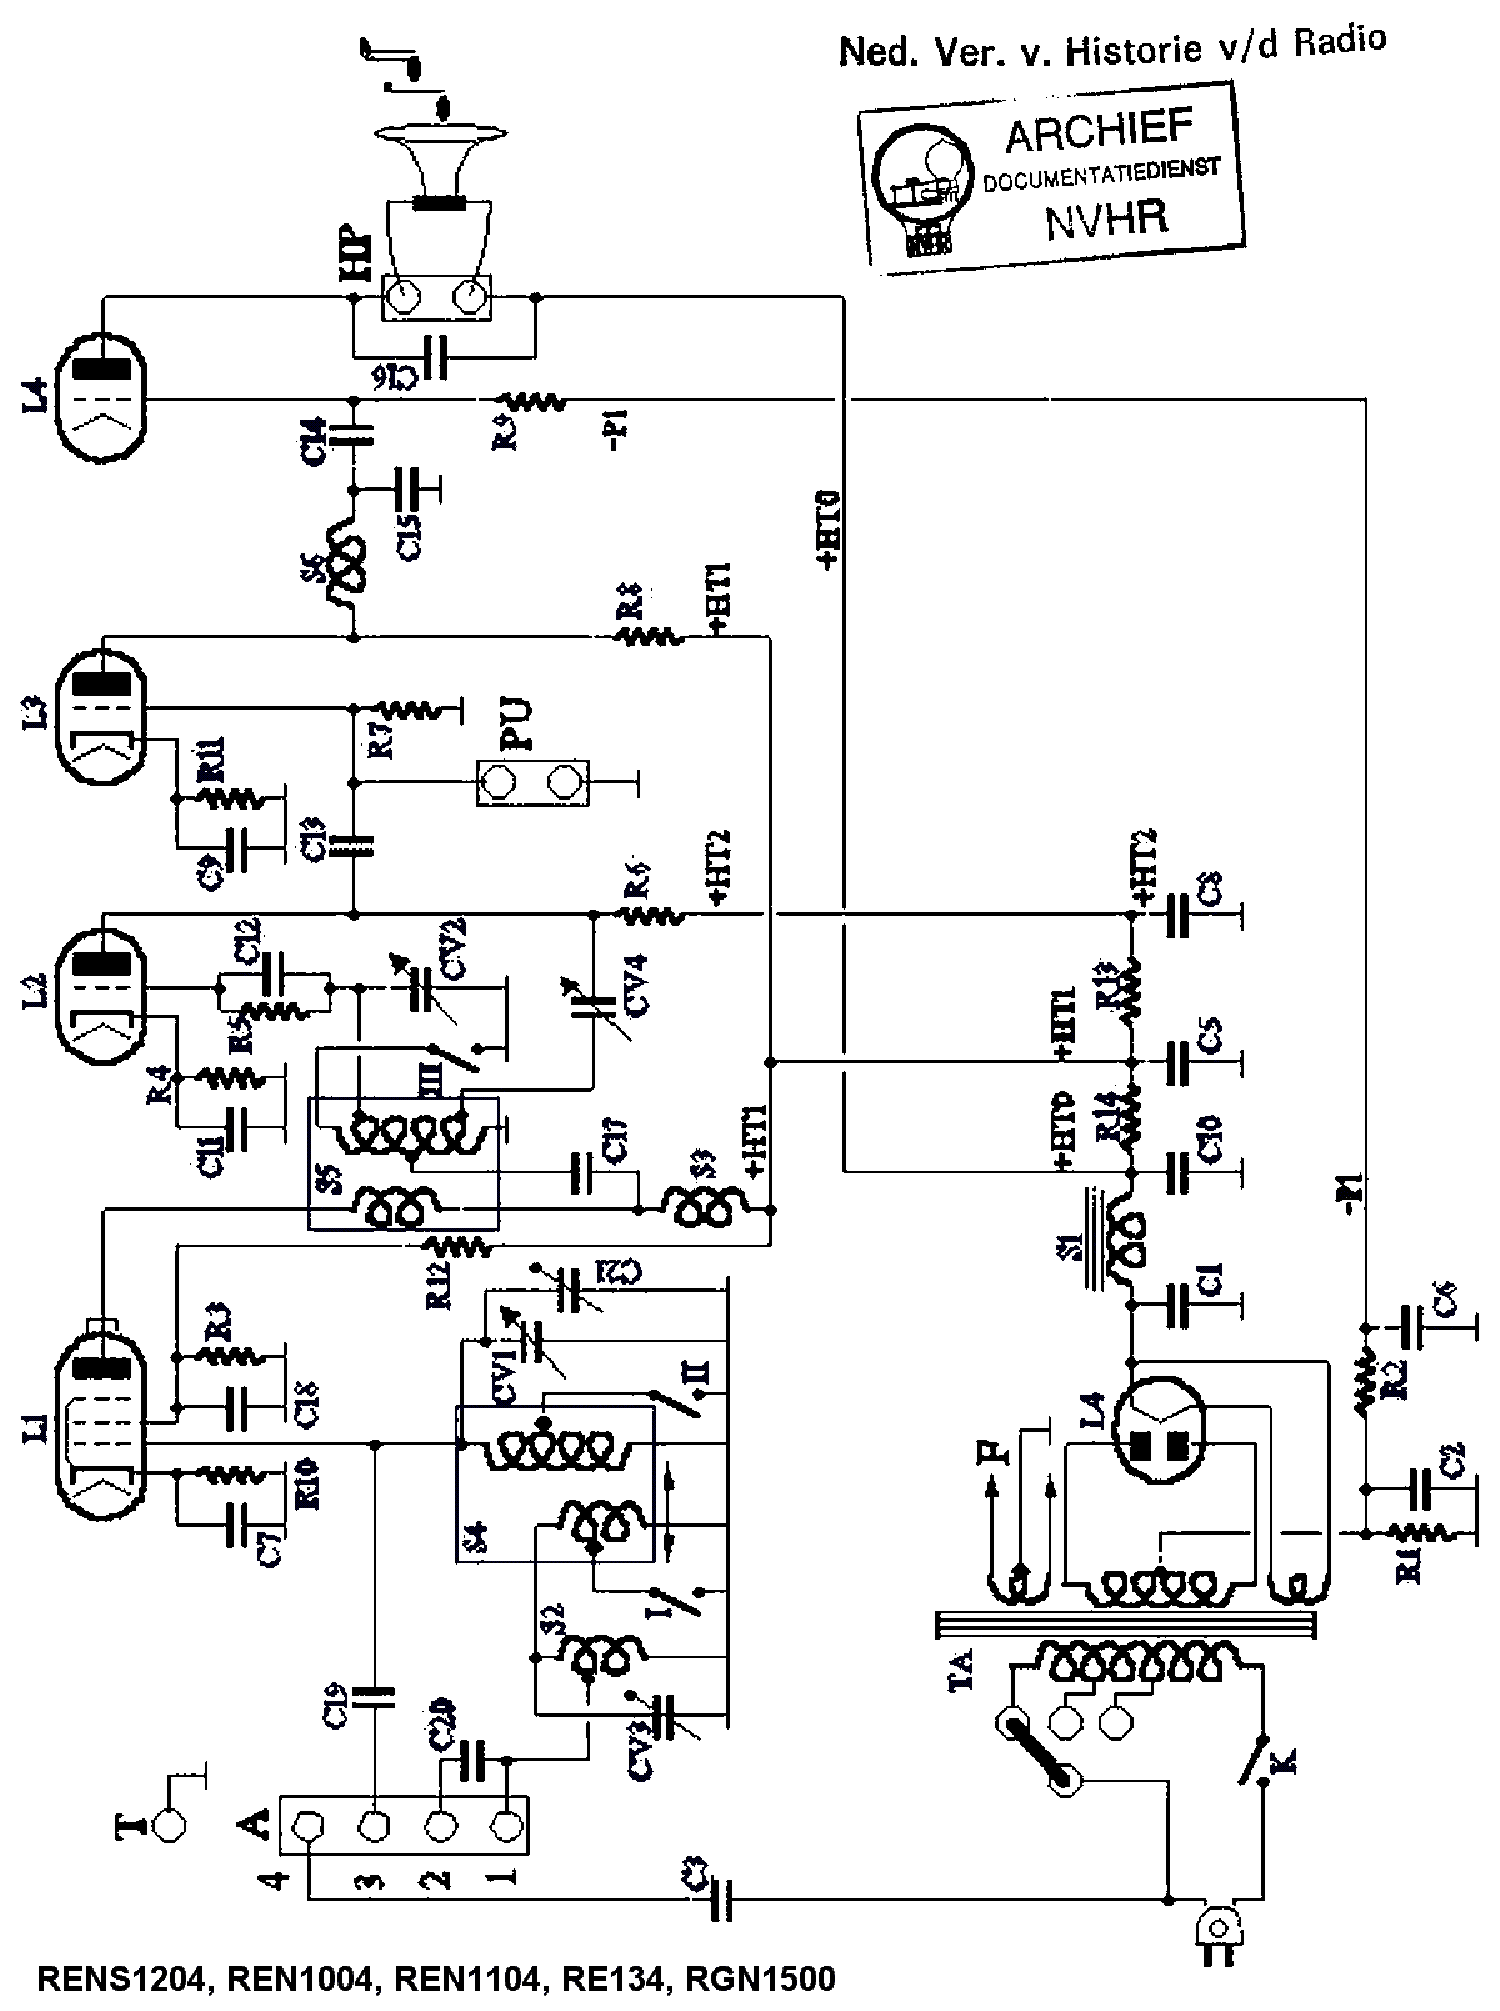 schaub un4 ac receiver sch service manual download schematics Central AC Wiring Diagram schaub un4 ac receiver sch service manual 1st page